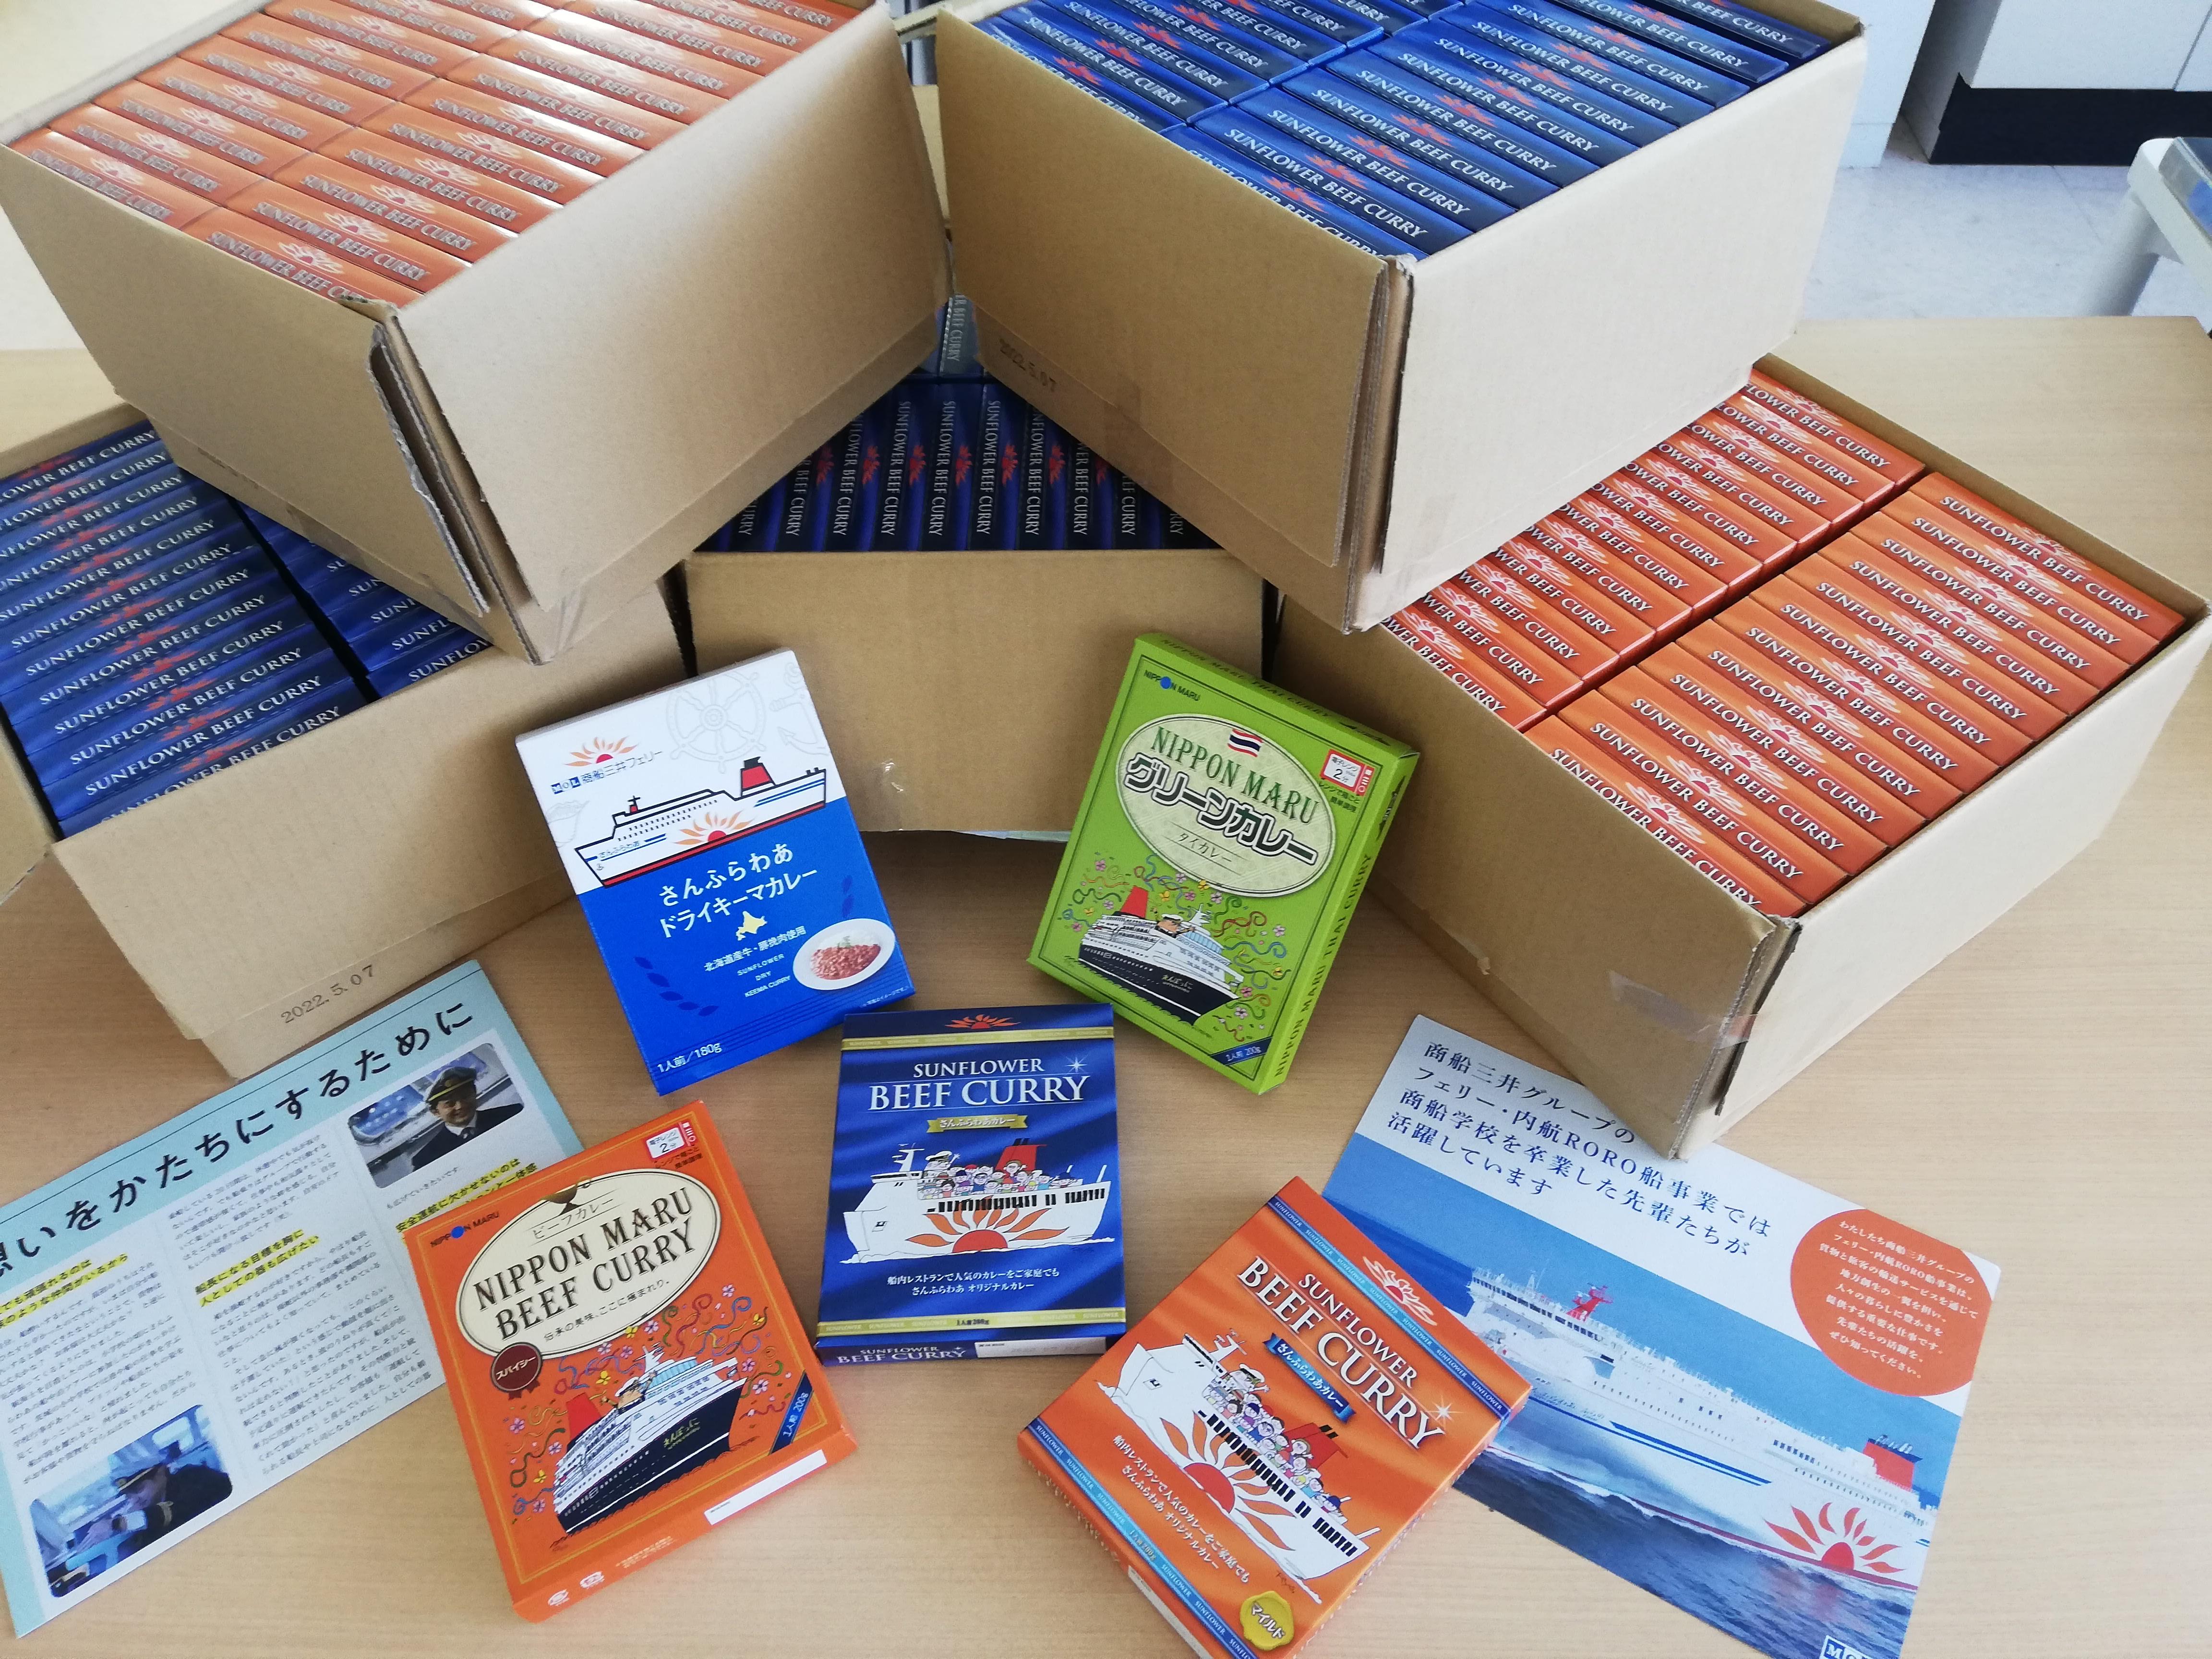 株式会社商船三井より、レトルトカレー食品を寄贈いただきました。